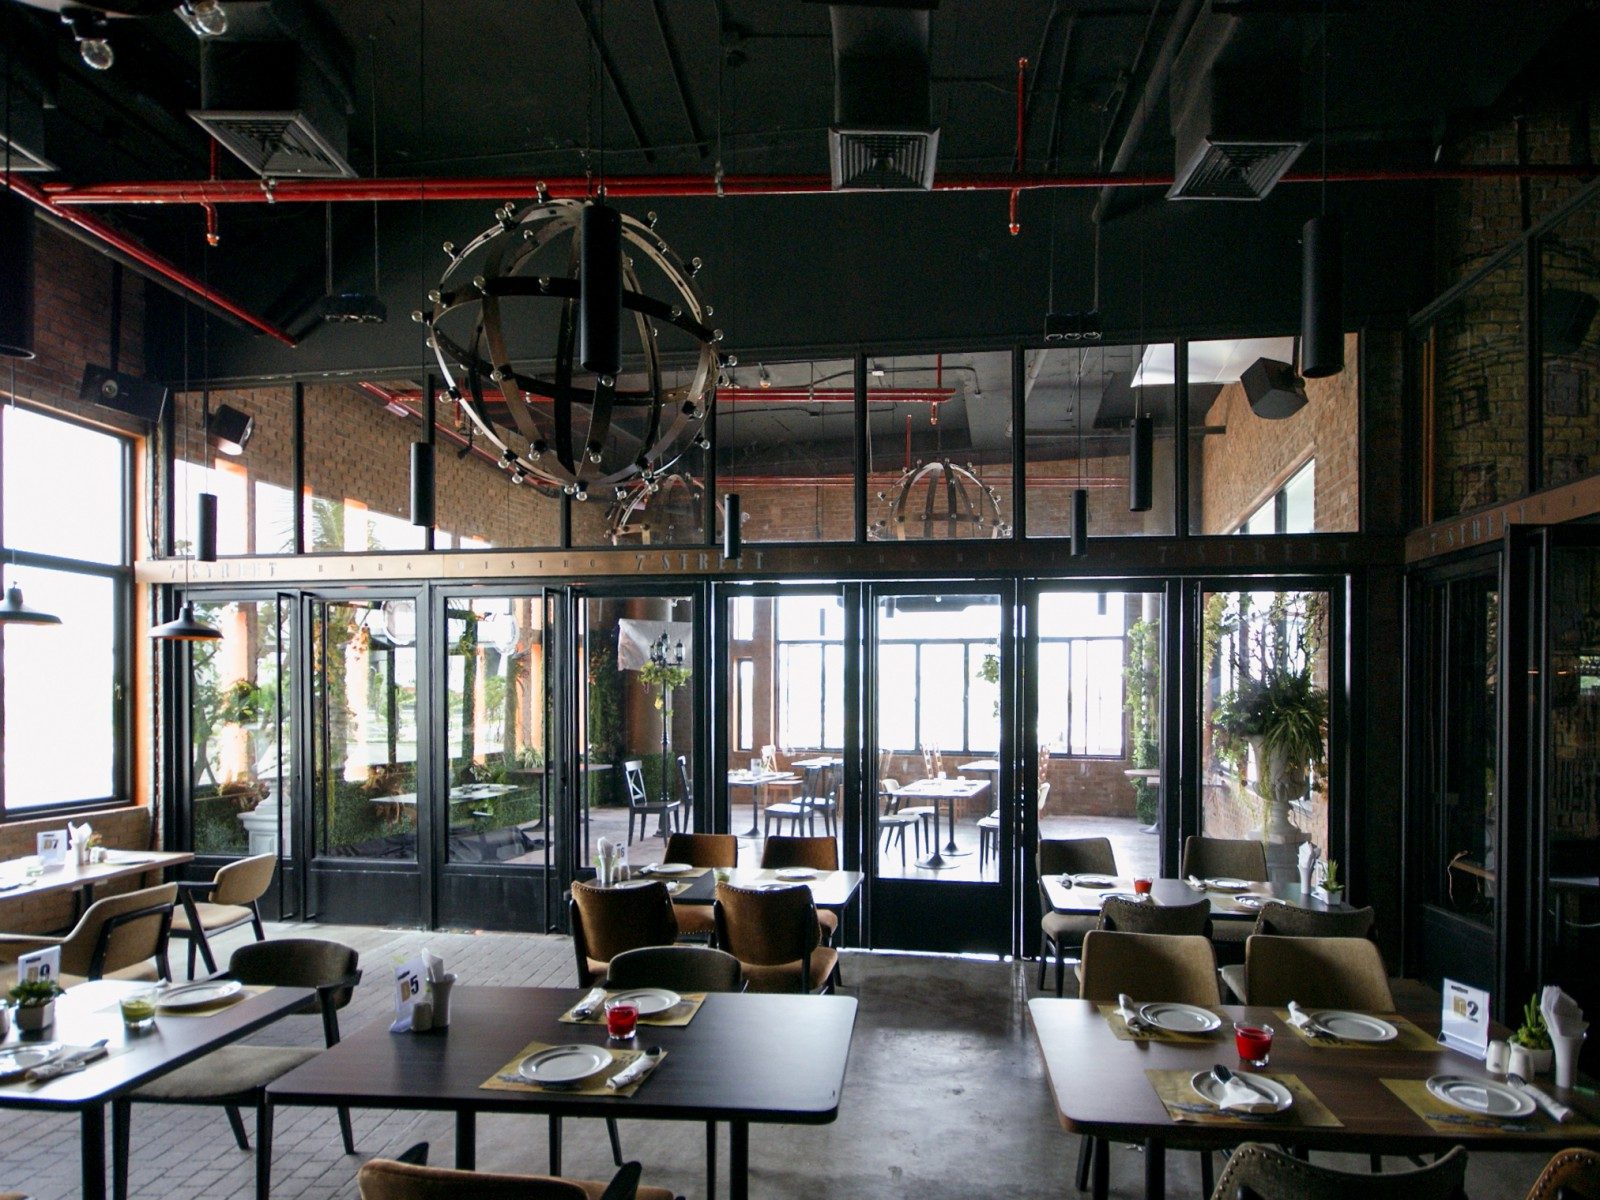 บริการให้คำปรึกษาด้านการออกแบบ งานตกแต่ง ตึกสูง อาคารสำนักงาน ร้านค้า โชว์รูม รวมถึงที่พักอาศัยทุกประเภททั้งบ้านเดี่ยว คอนโดมิเนียม และ อาคารพาณิชย์